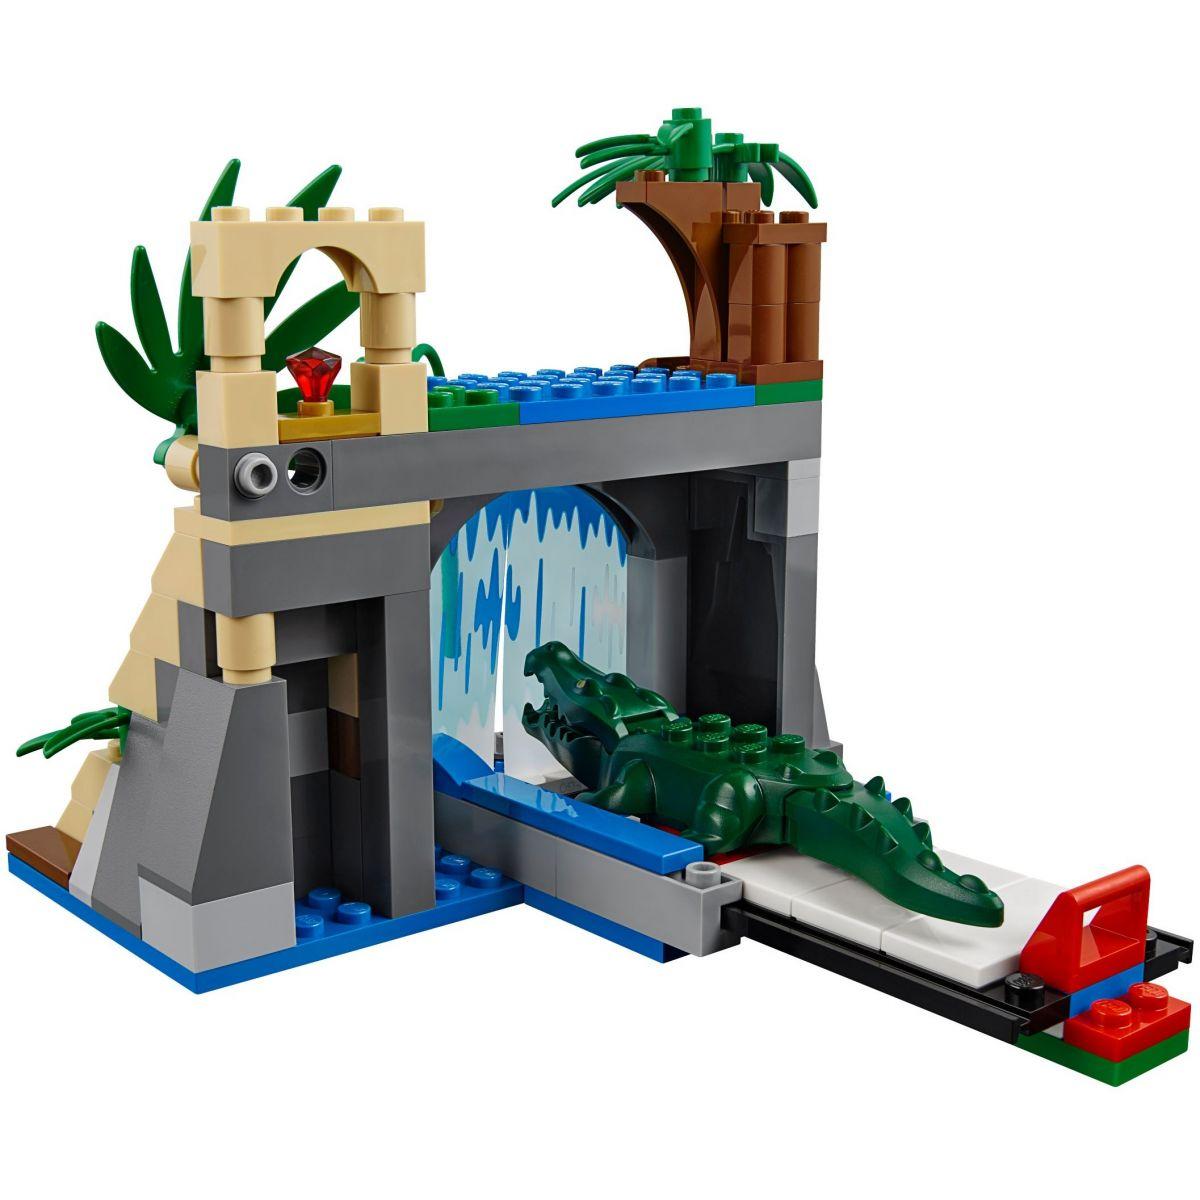 LEGO City 60160 Mobilní laboratoř do džungle #6